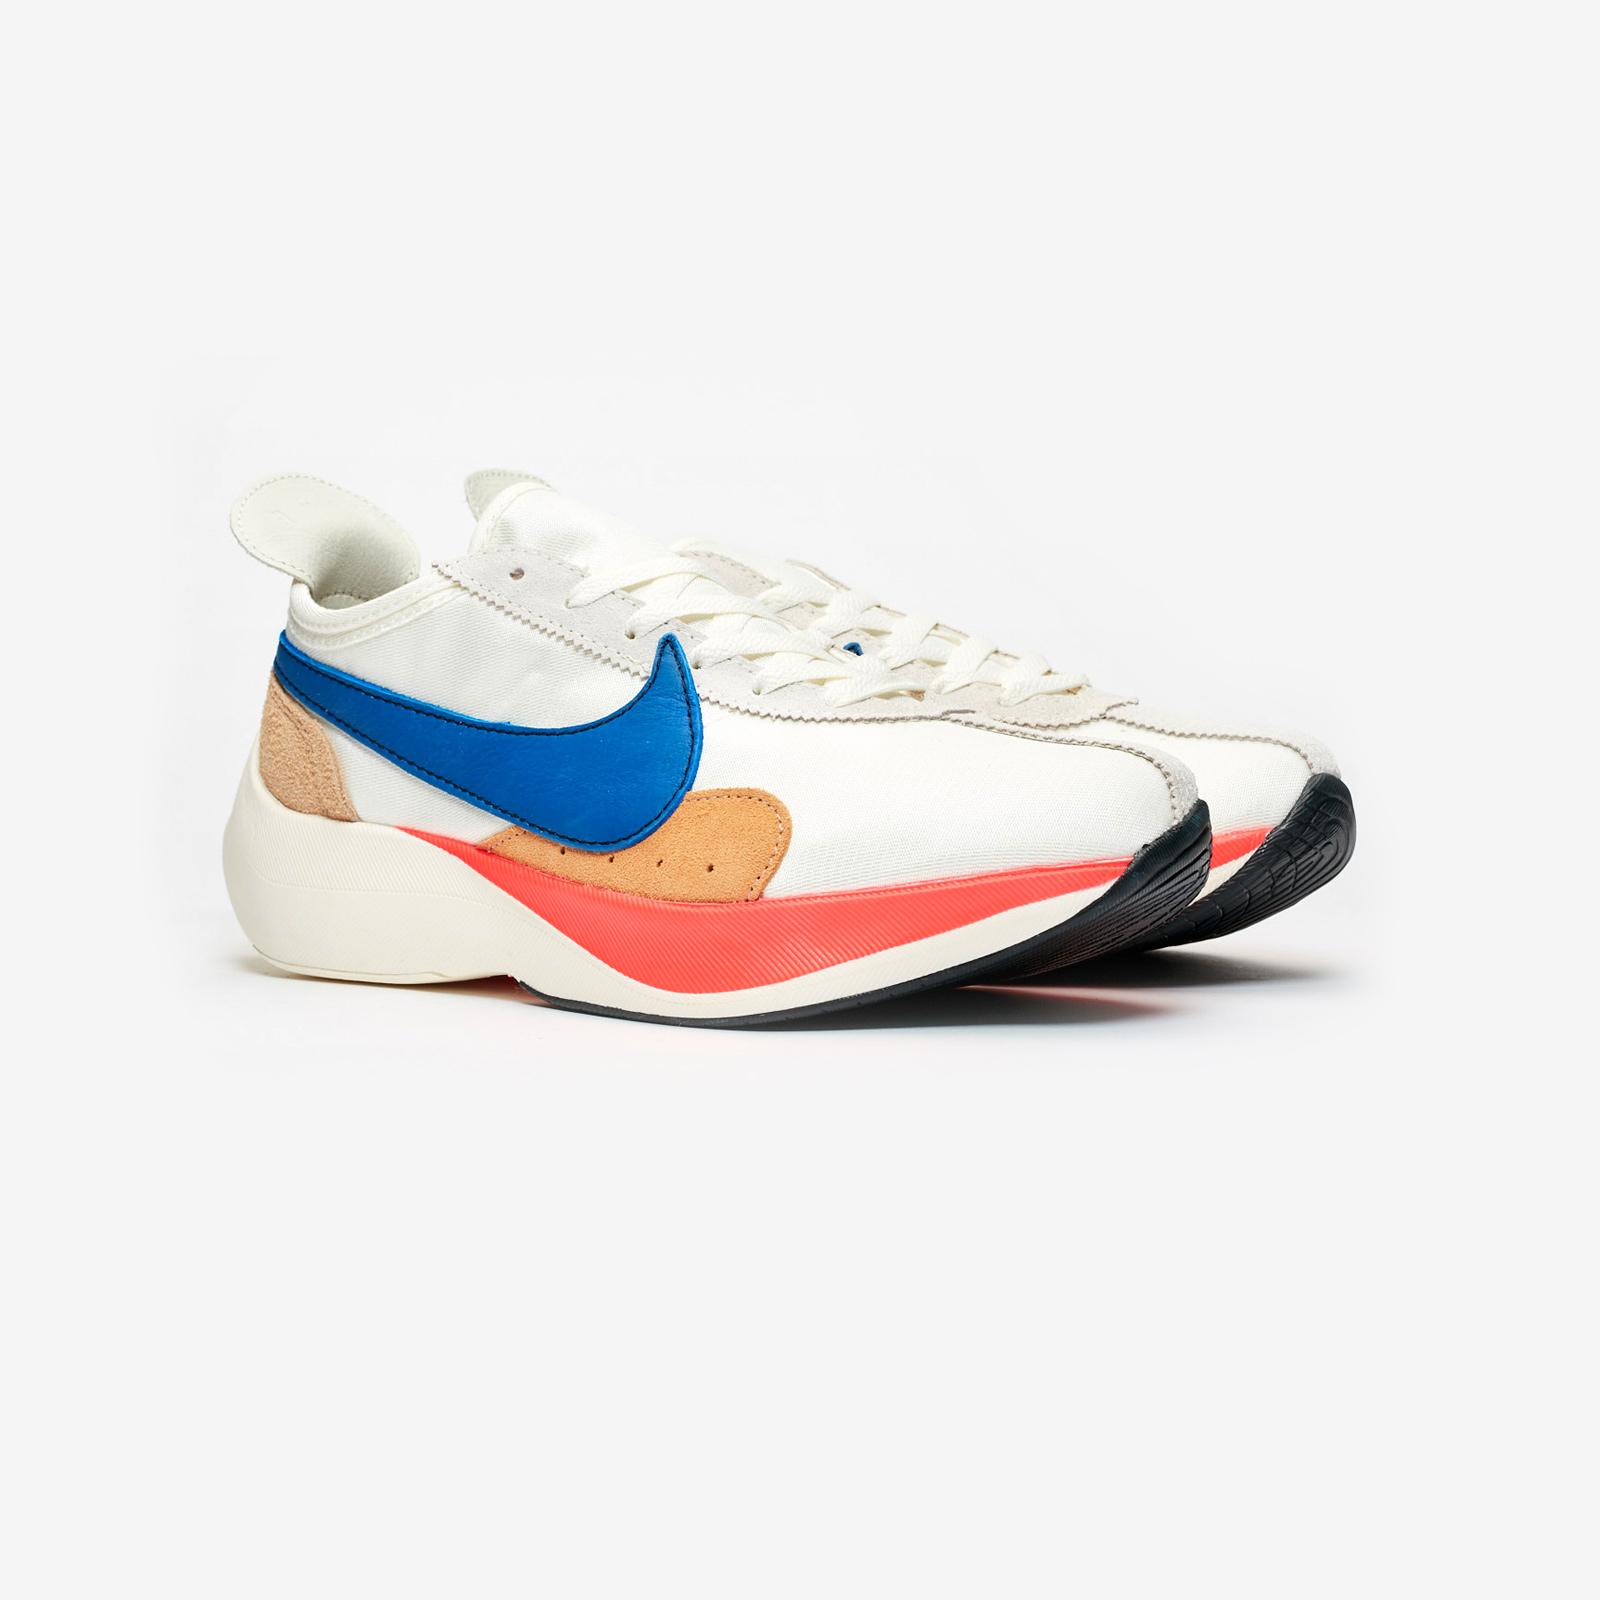 fc7cd142e61 Nike Moon Racer QS - Bv7779-100 - Sneakersnstuff